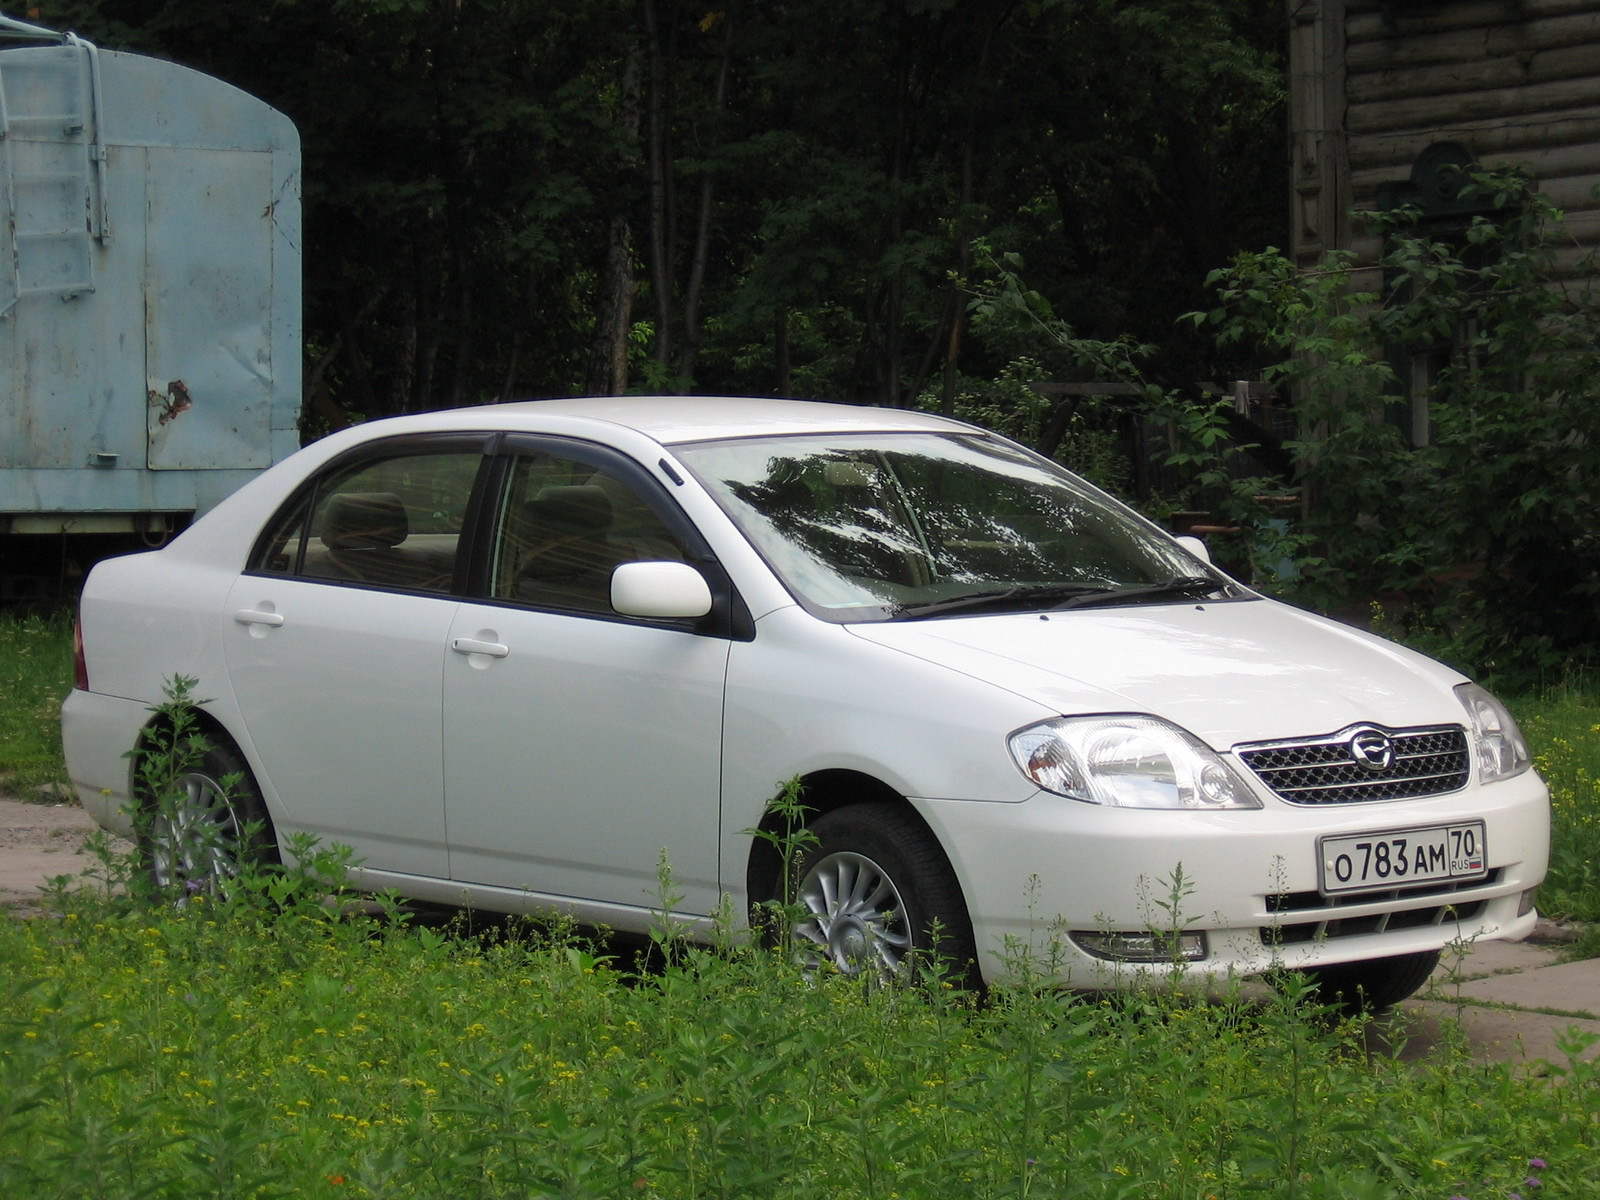 2000 Toyota Corolla Image 17